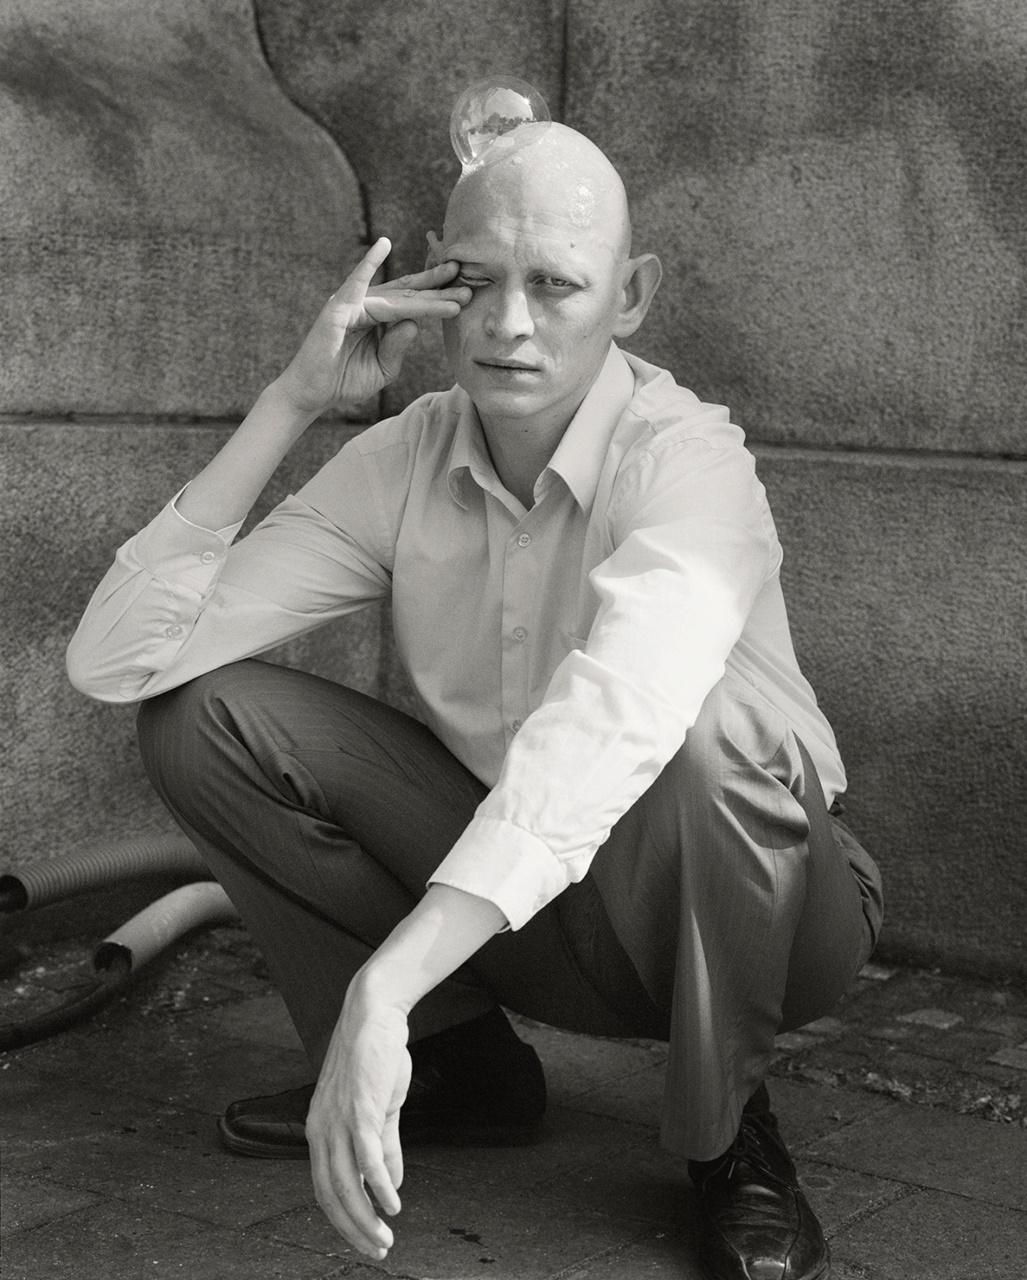 Perlaki Márton | Bird, Bald, Book, Bubble, Bucket, Brick, Potato | Robert Capa Kortárs Fotográfiai Központ | 2016